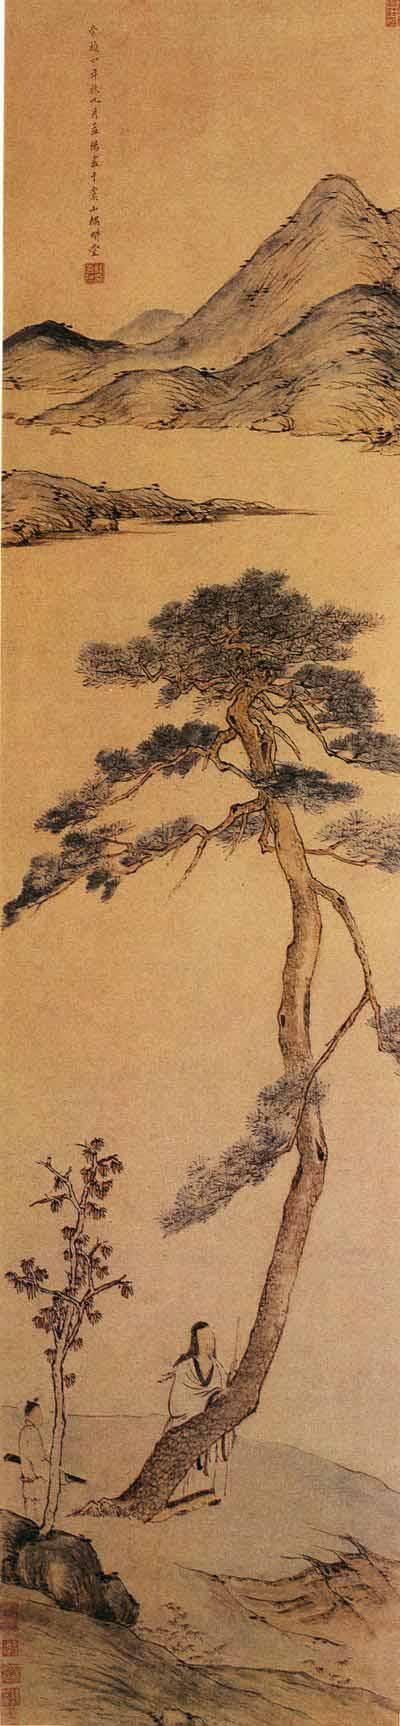 《孤松高士图》轴,明,程嘉燧